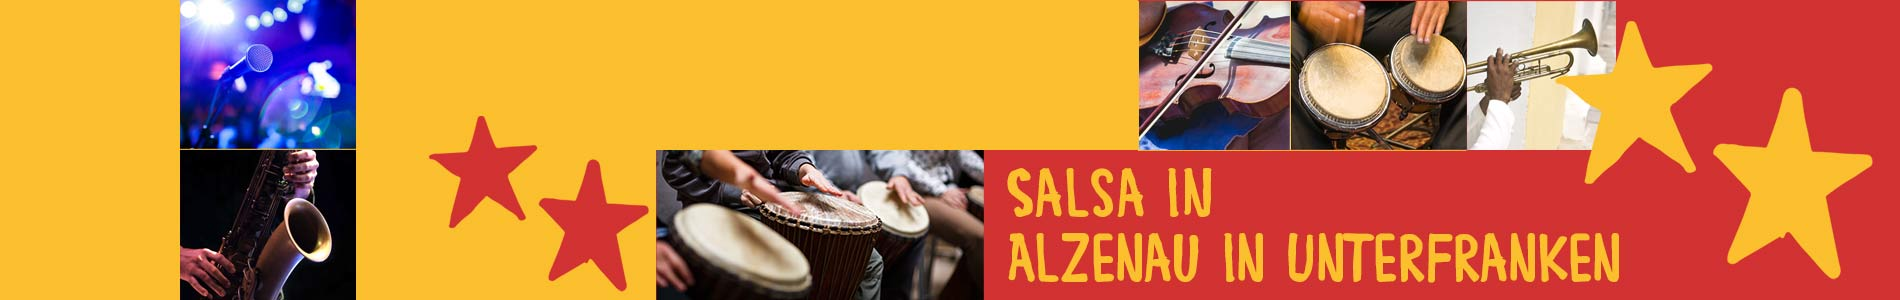 Salsa in Alzenau in Unterfranken – Salsa lernen und tanzen, Tanzkurse, Partys, Veranstaltungen